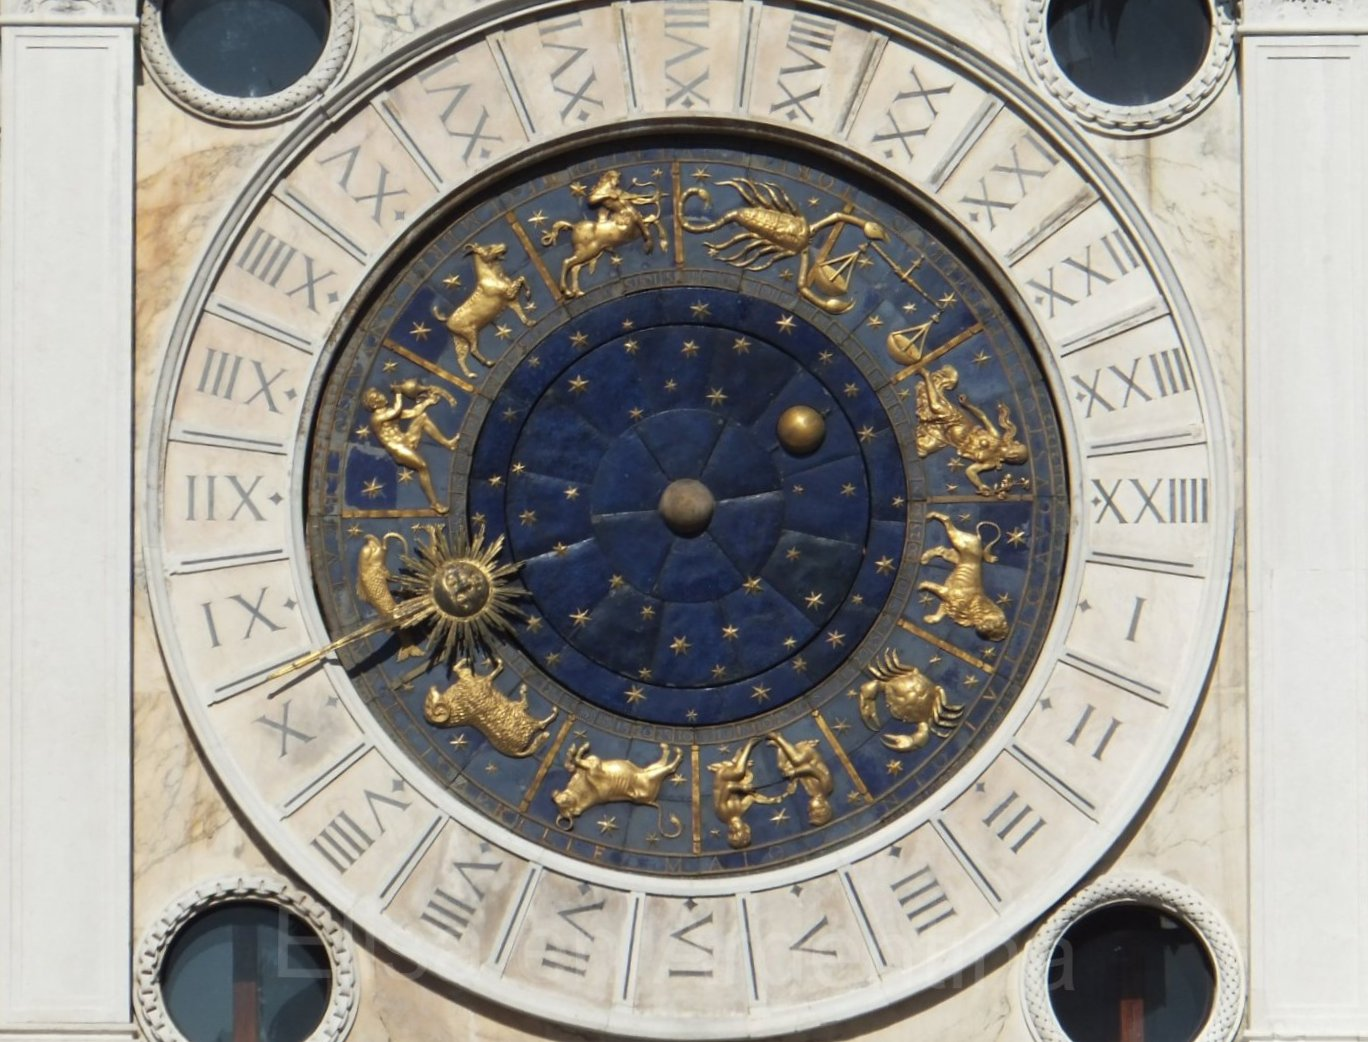 Torre dell´Orologio, Piazza San Marco, Venecia, Italia, Elisa N, Blog de Viajes, Lifestyle, Travel